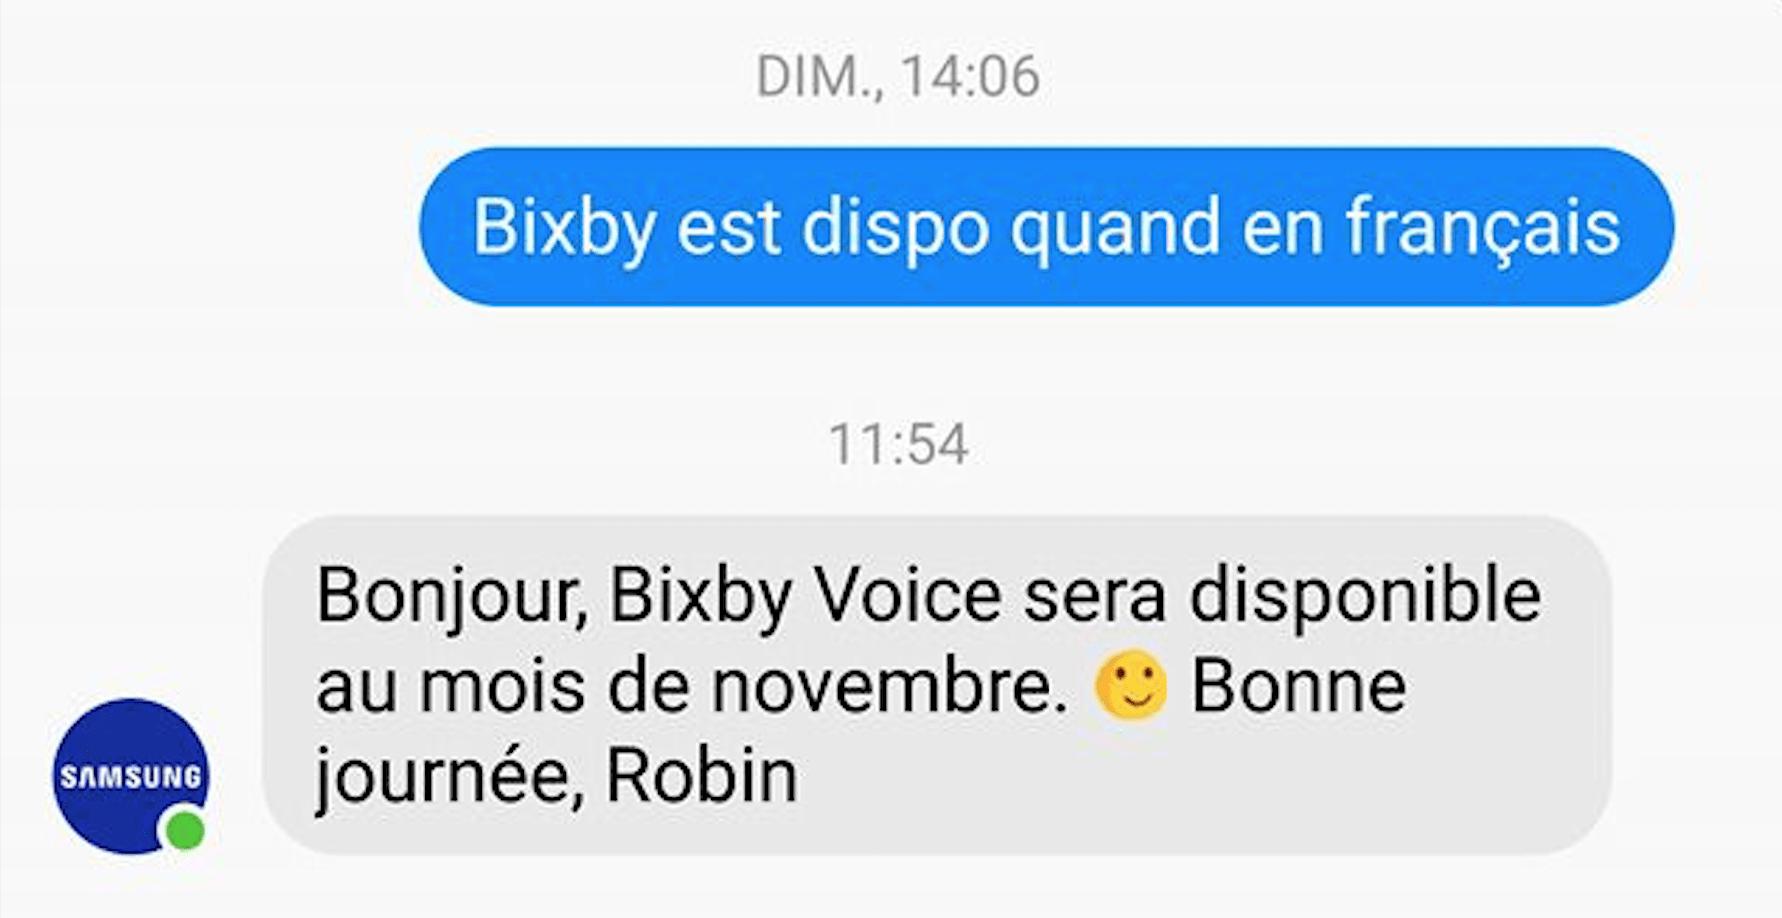 Finalement, Bixby Voice ne devrait pas être disponible en français en novembre